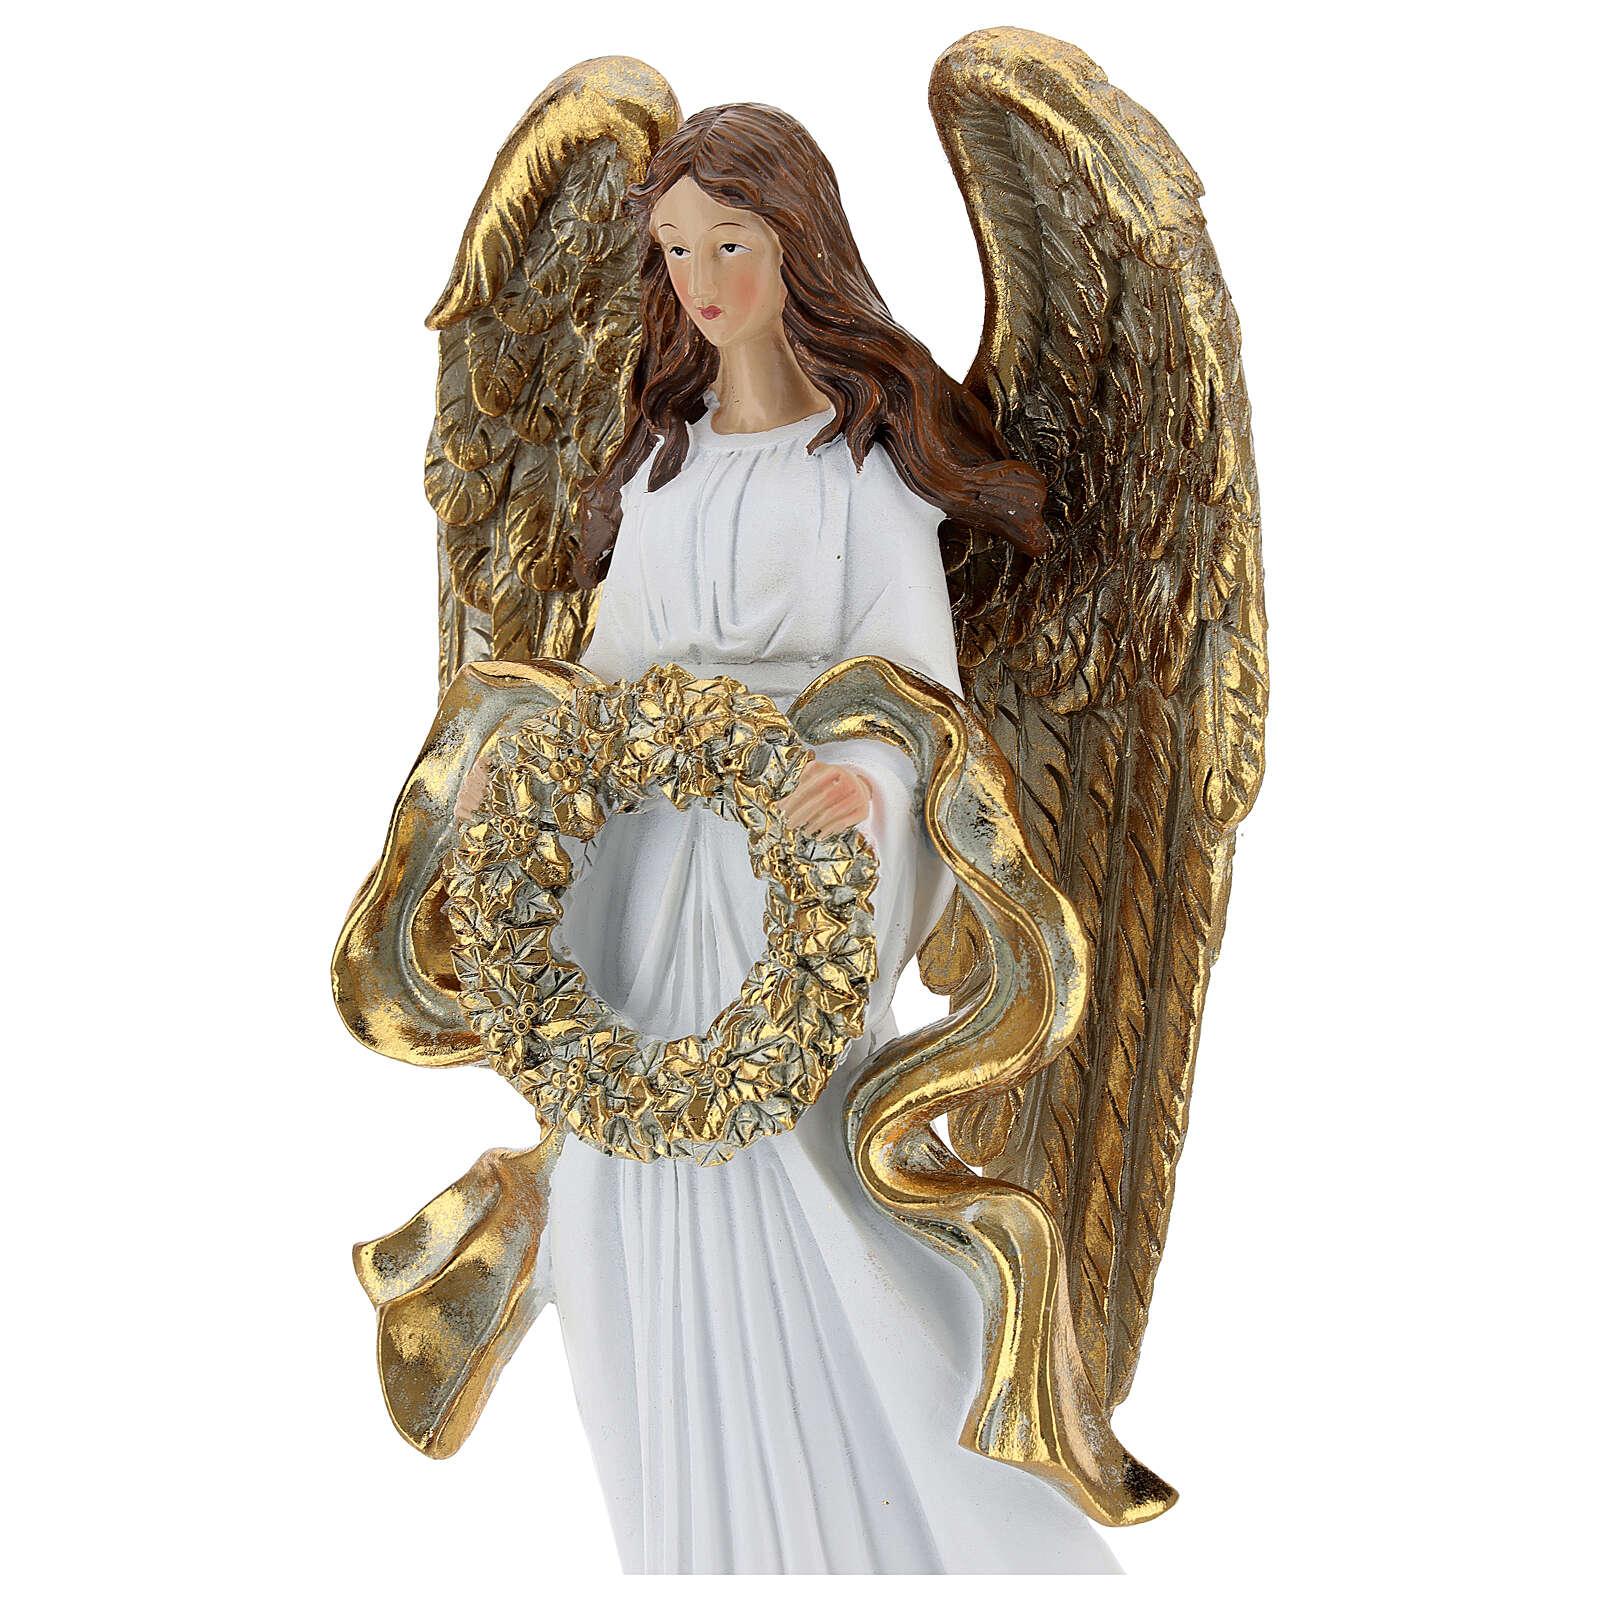 Anioł bożonarodzeniowy 35 cm z girlandą 3